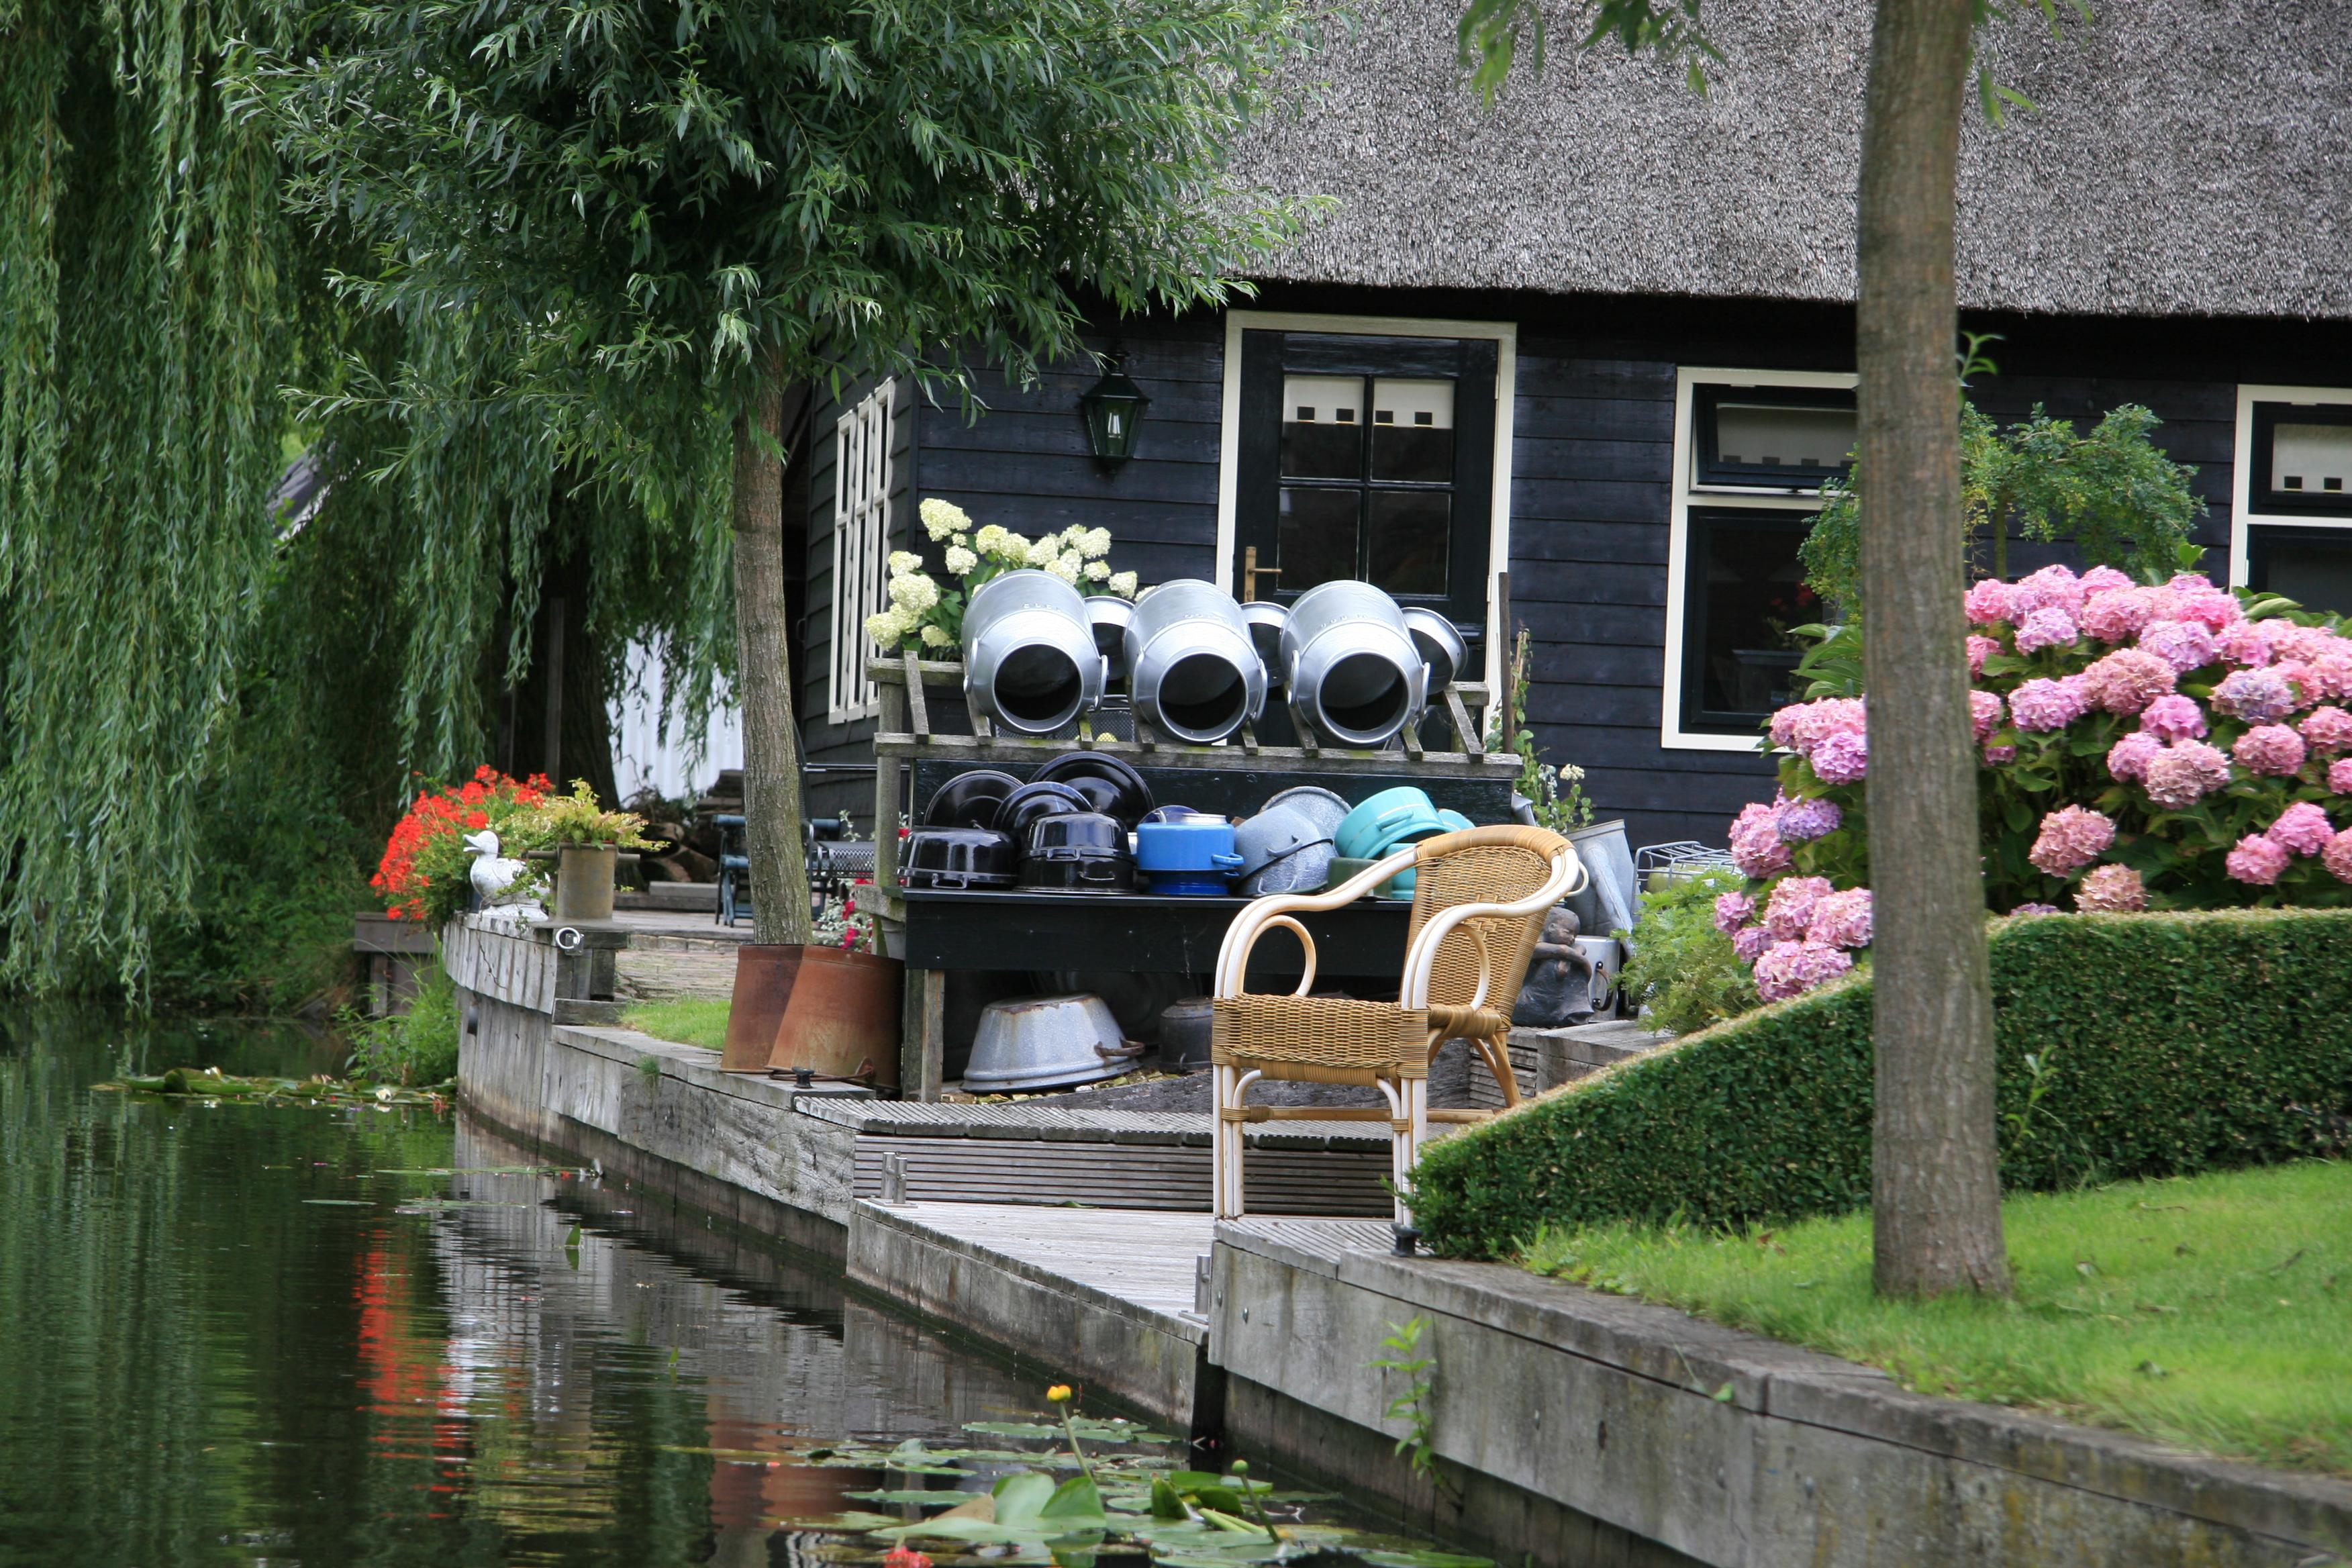 Foto 2 van het album Omgeving De Harmonie en Giethoorn